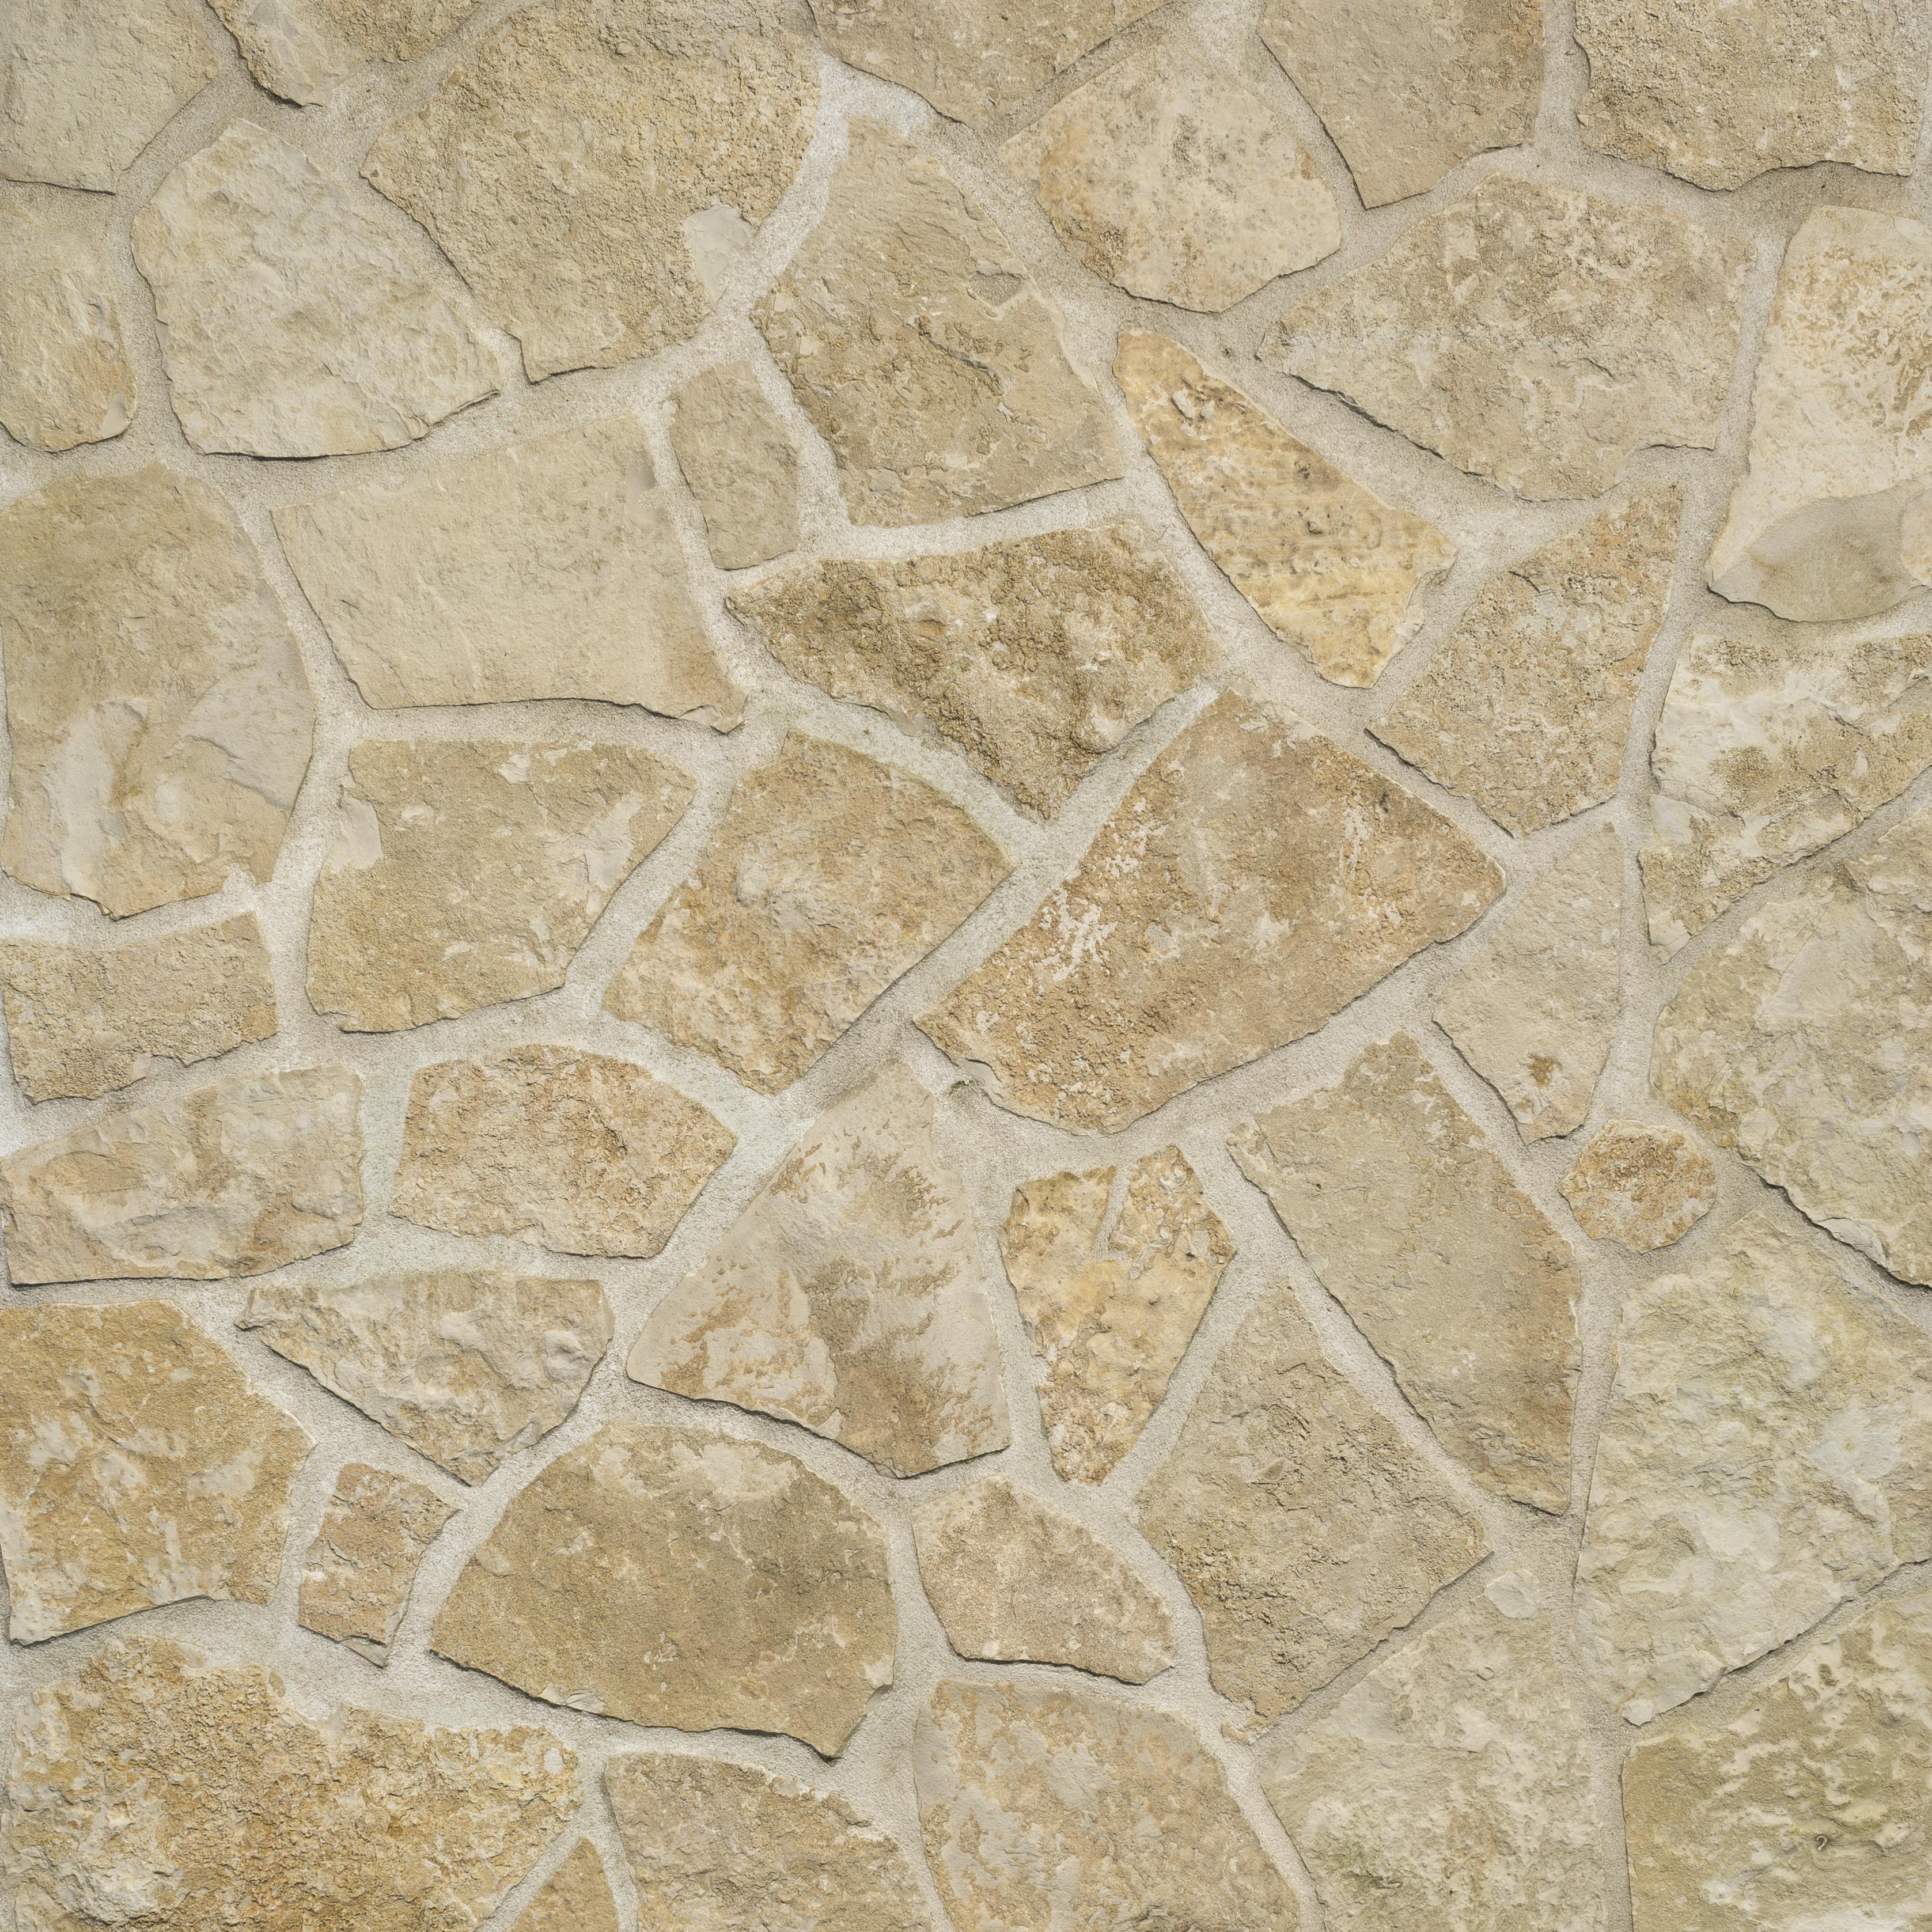 Pierre De L Yonne produit | calcaire de l'yonne | cupa stone